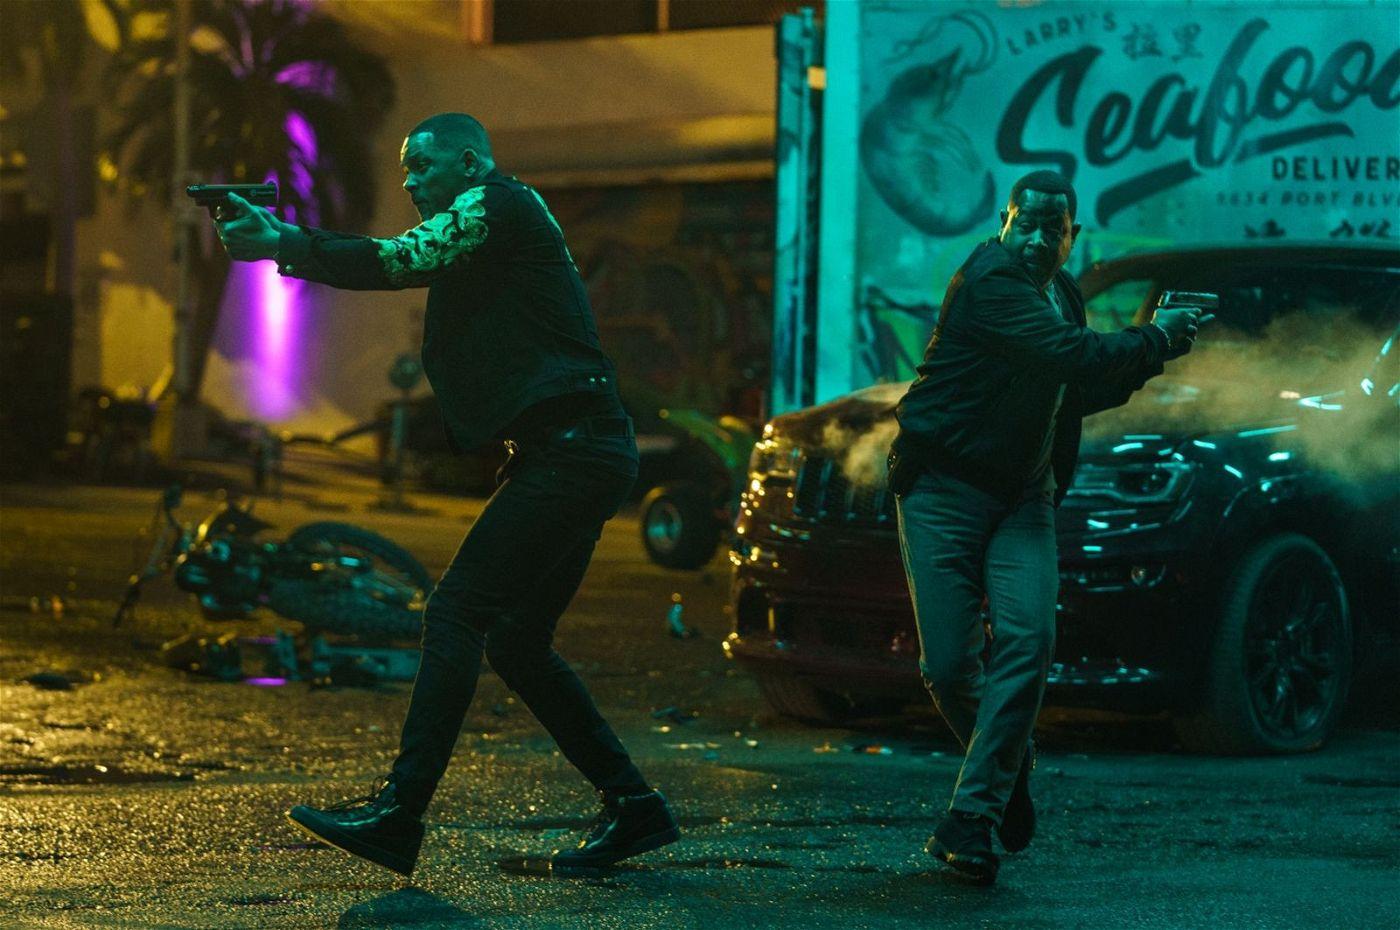 Wie in der guten, alten Zeit: Mike (Will Smith, links) und Marcus (Martin Lawrence) voll in Action!